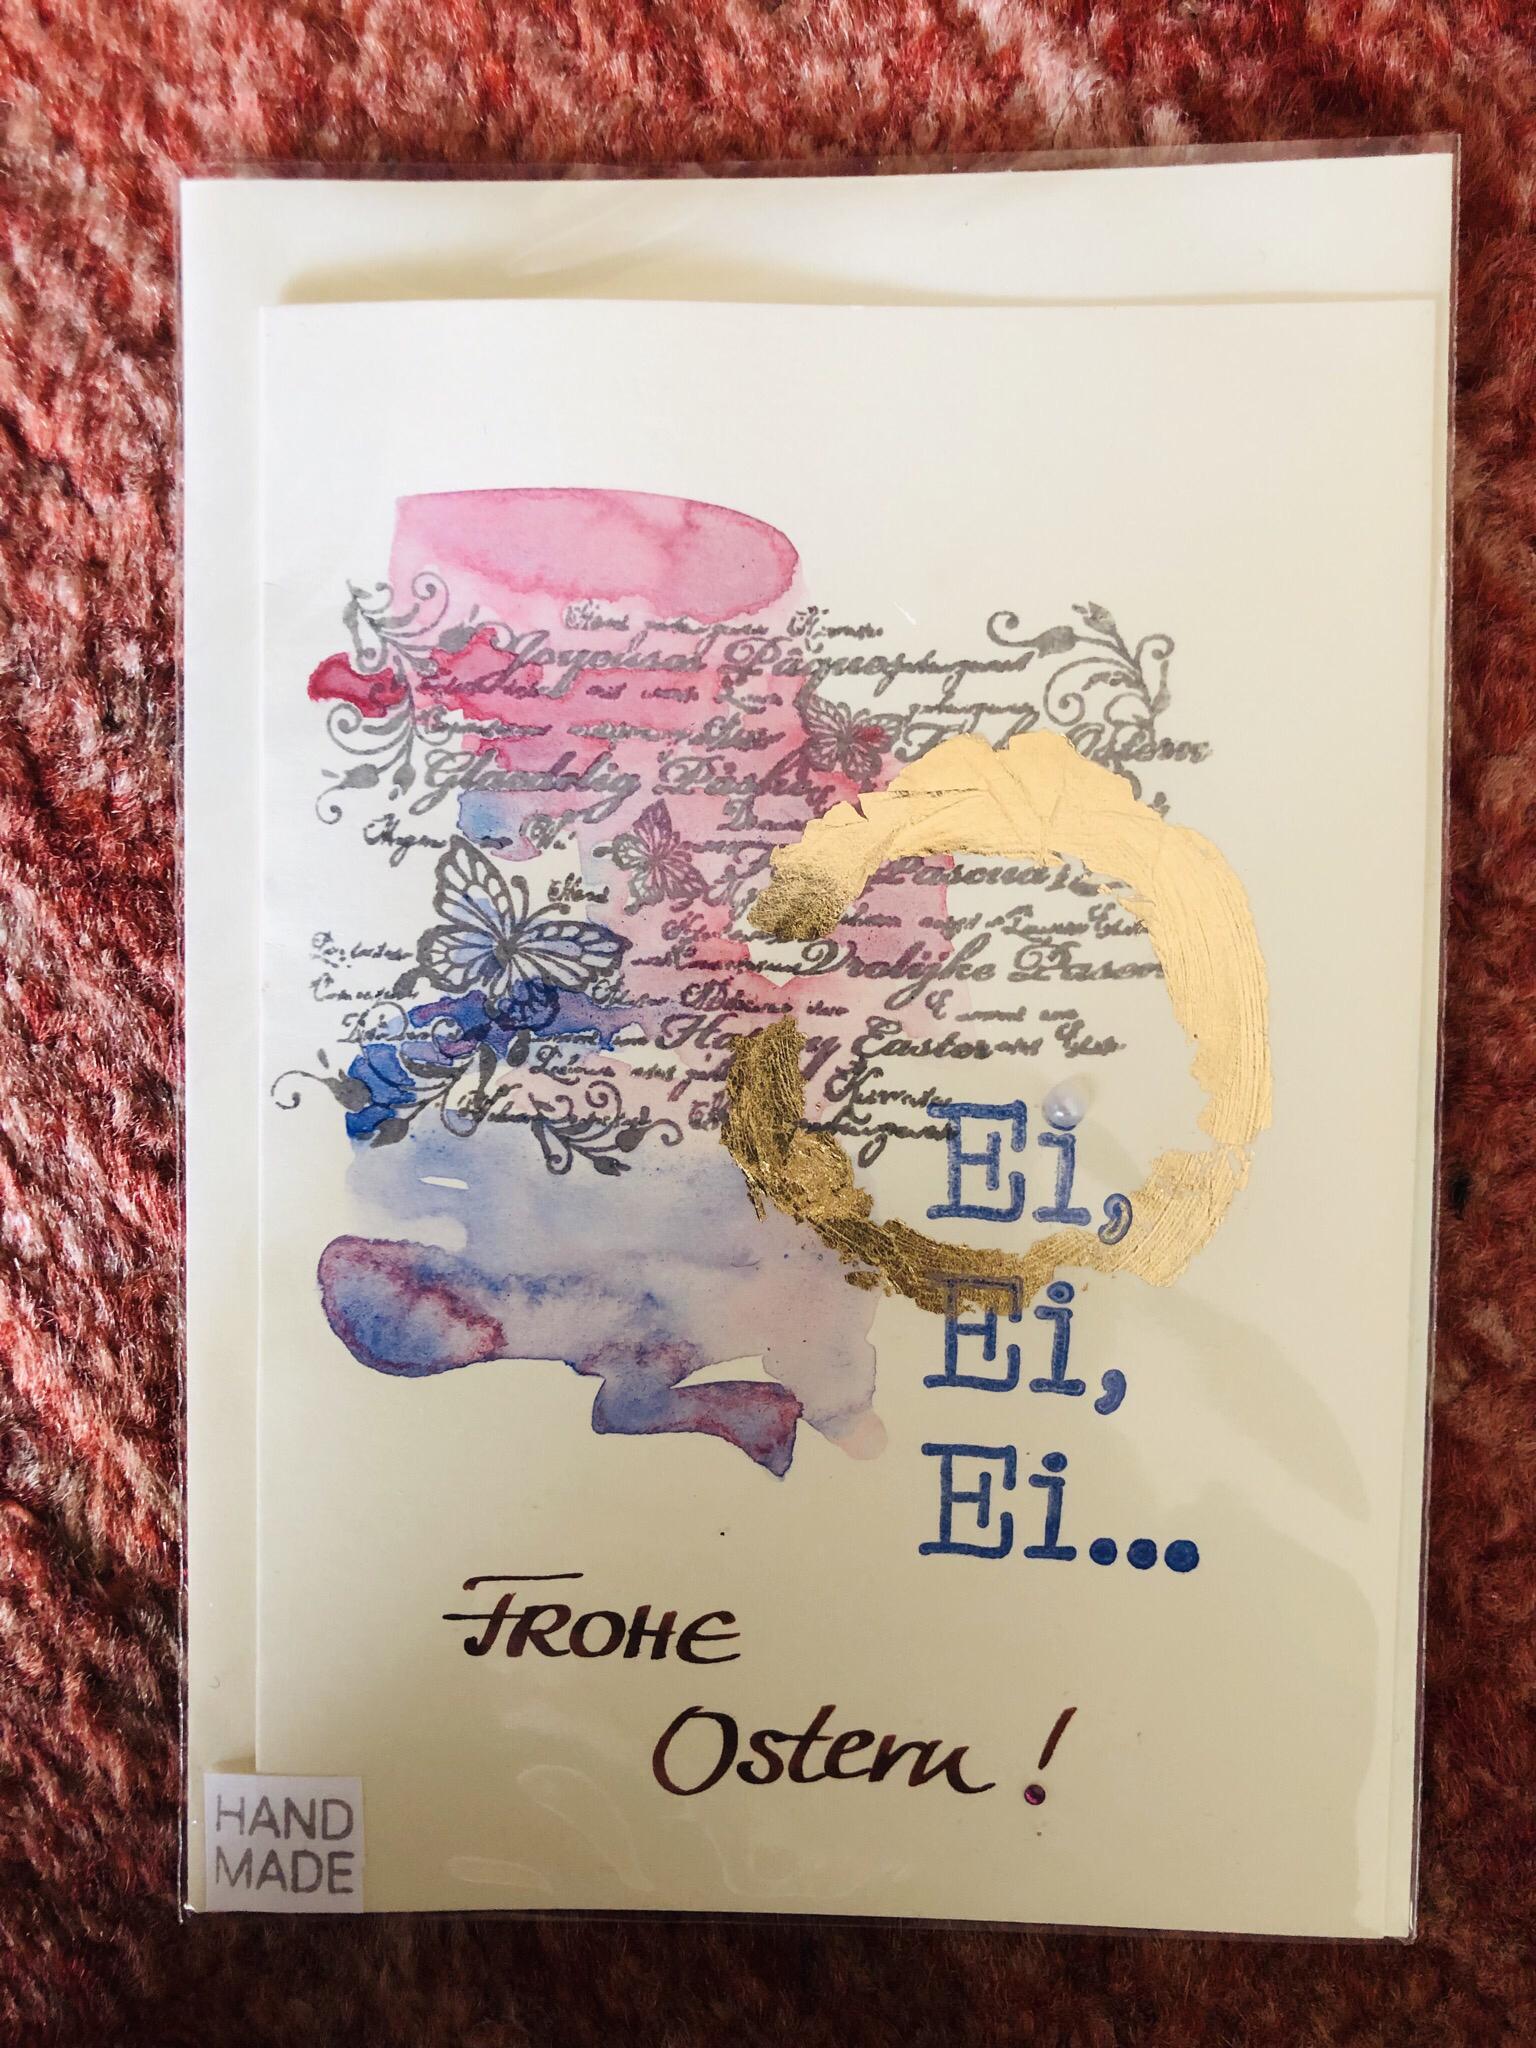 """Karte """"handmade"""" Ostern - Ei, Ei, Ei ... und Frohe Ostern! 25073"""